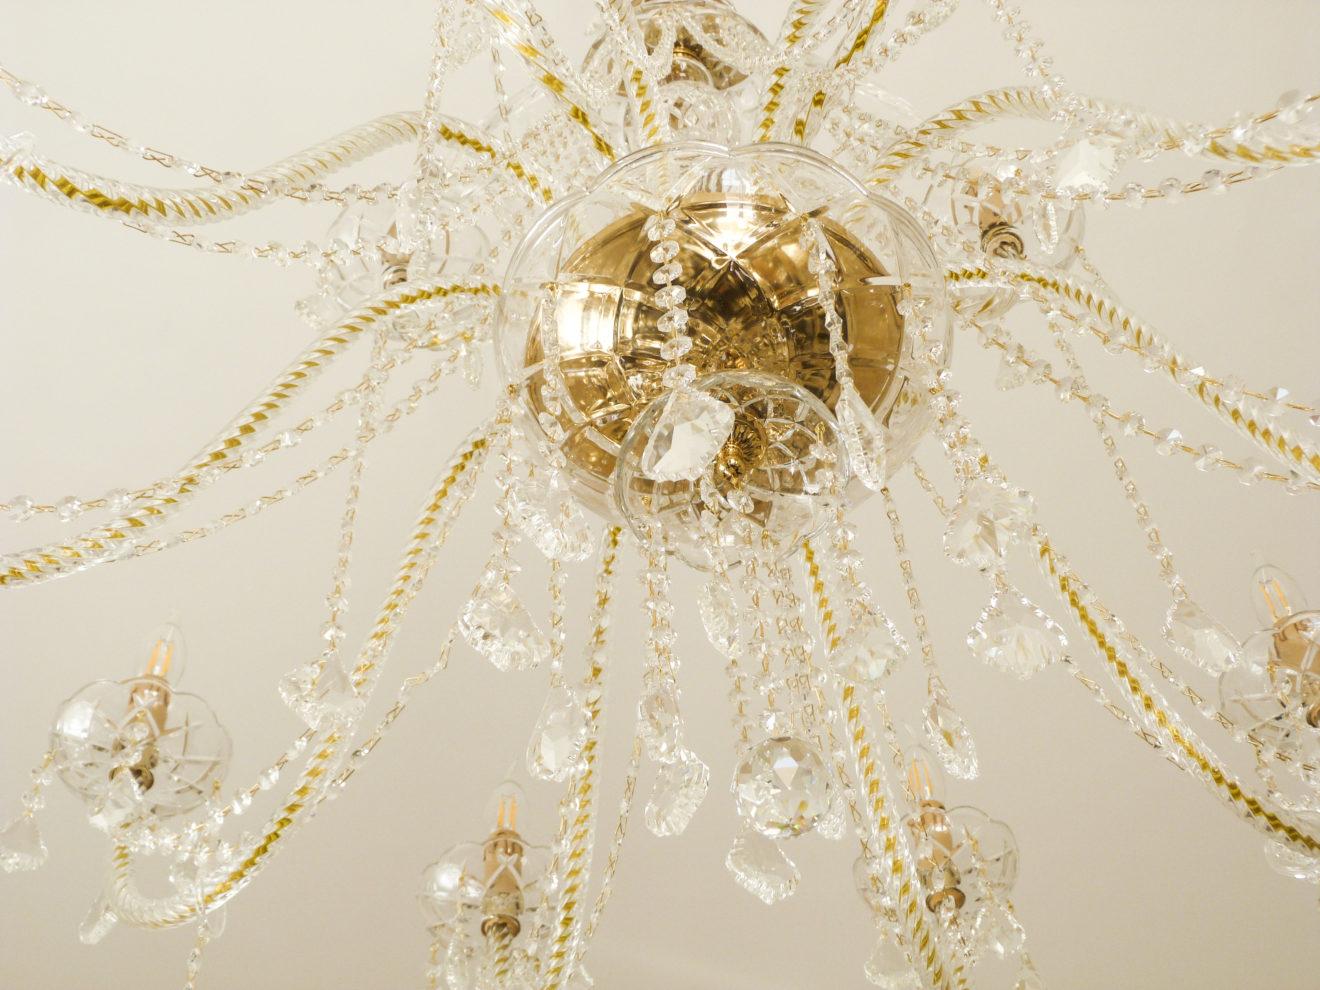 Lampadario_Gagliardi_Boutique_hotel_noto_centro_Barocco_luxury_lusso_140